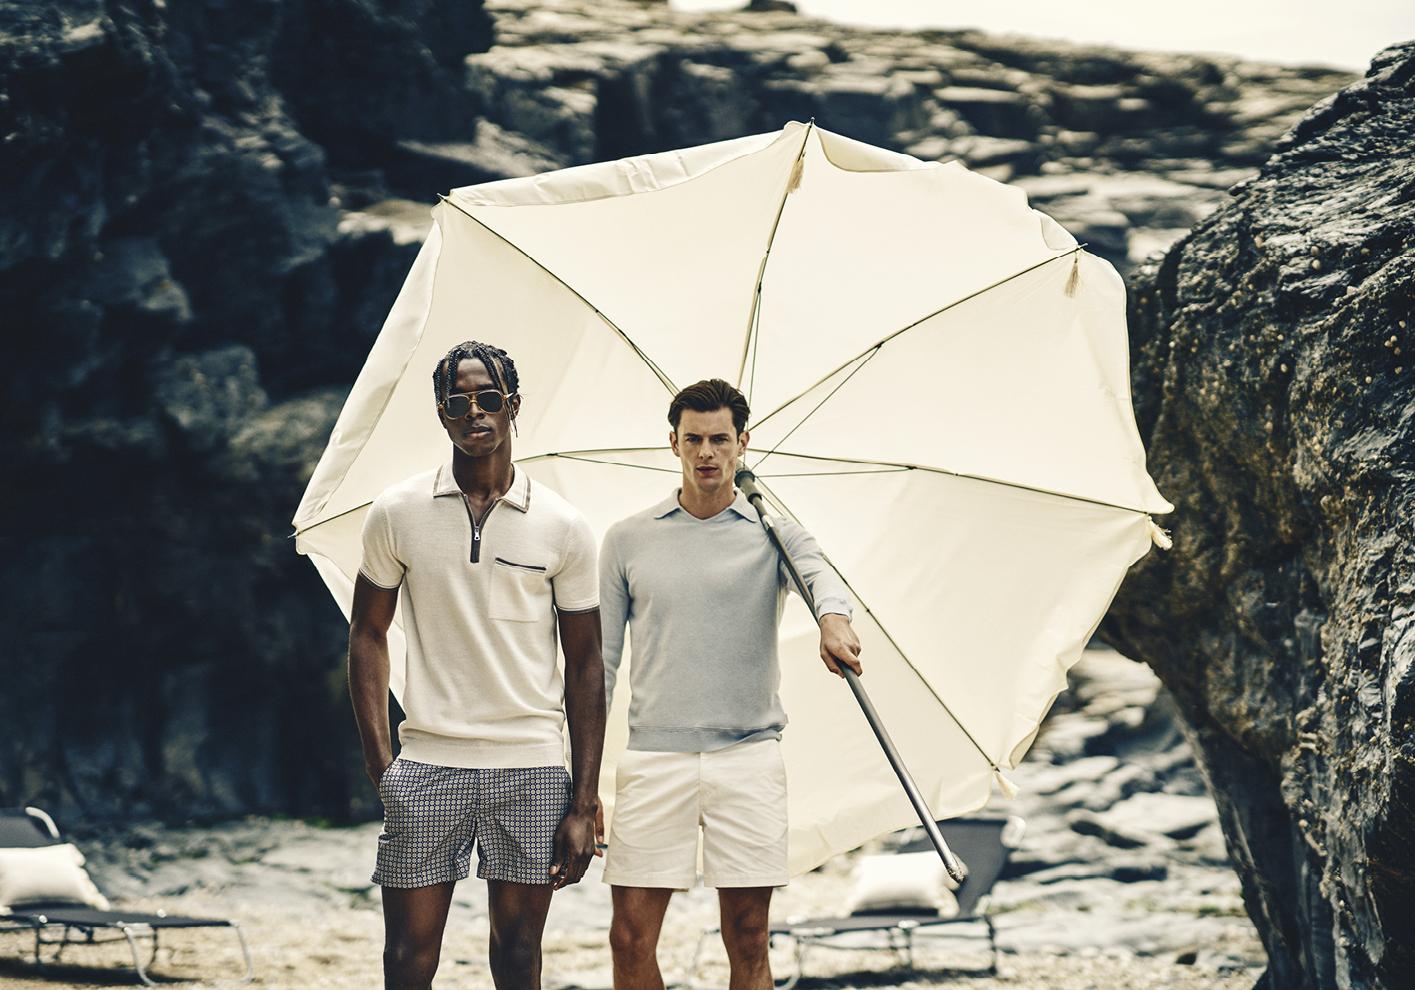 Haden Polo Shirt, Settee x Maravilla shorts; Hedley cashmere jumper, Bulldog cotton shorts